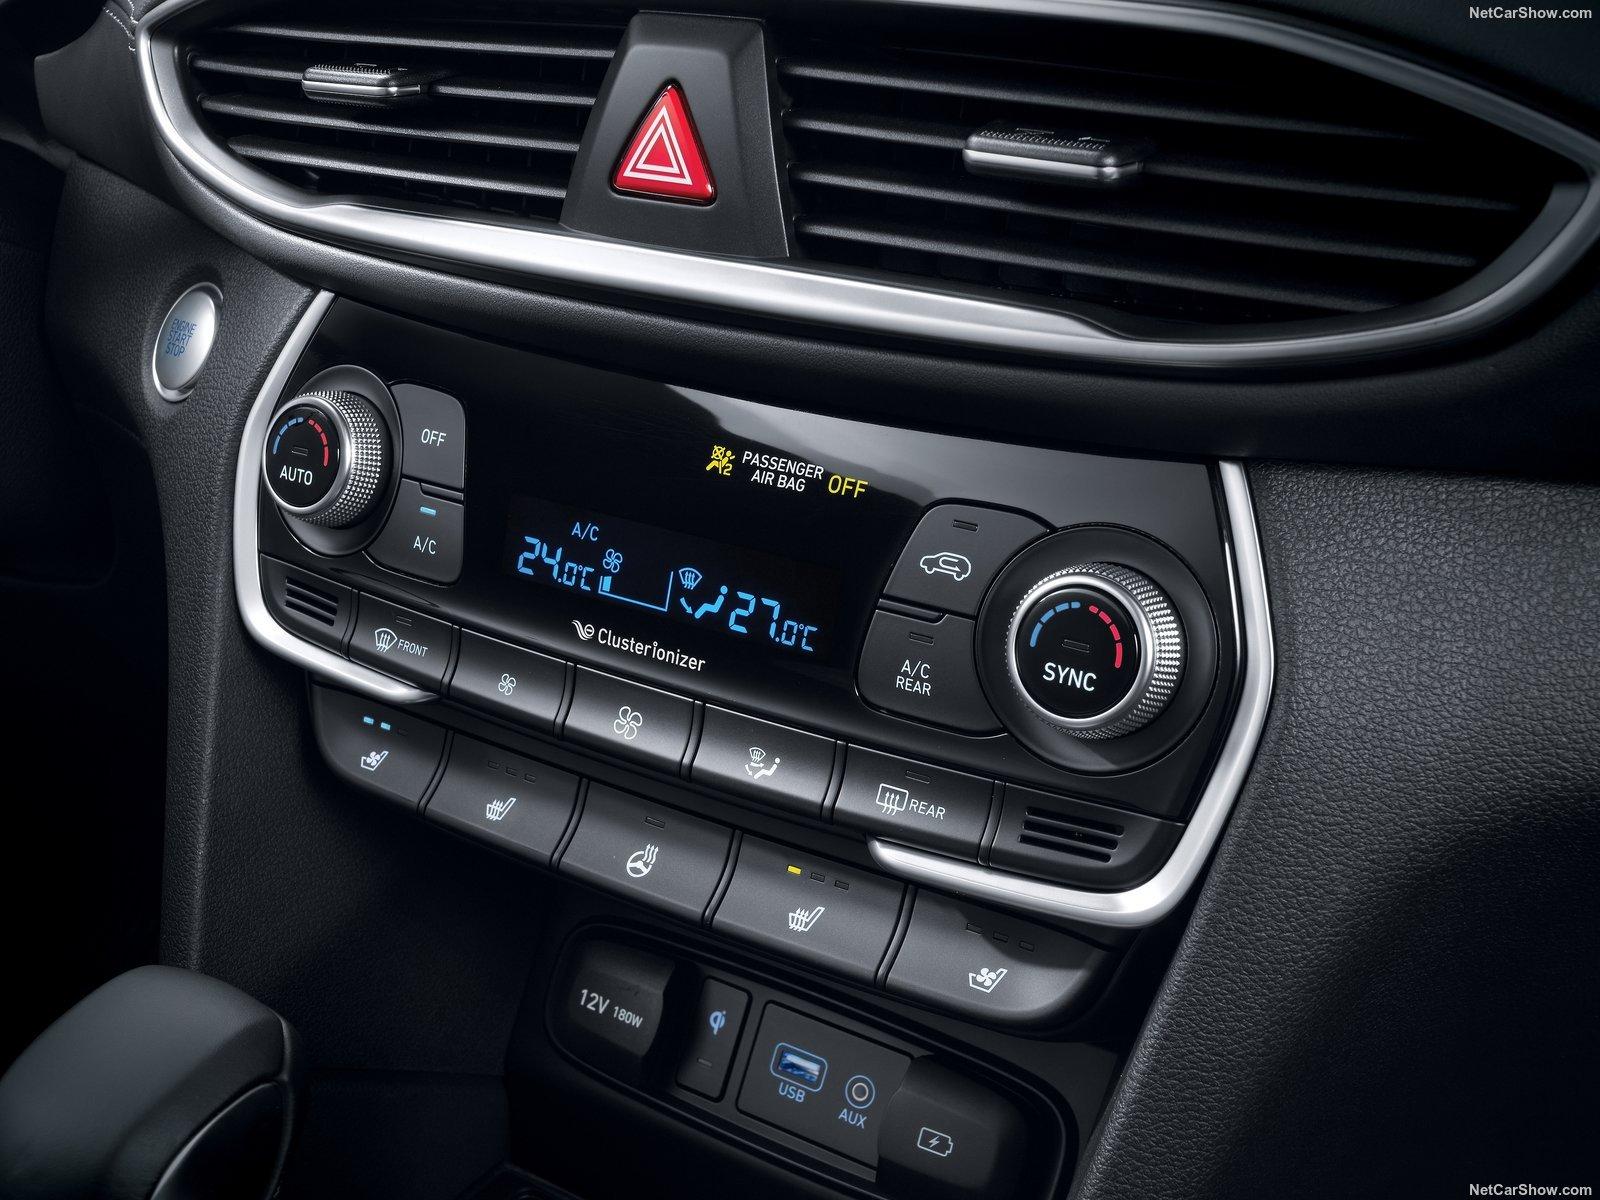 Hyundai-Santa_Fe-2019-hyundaicar-6